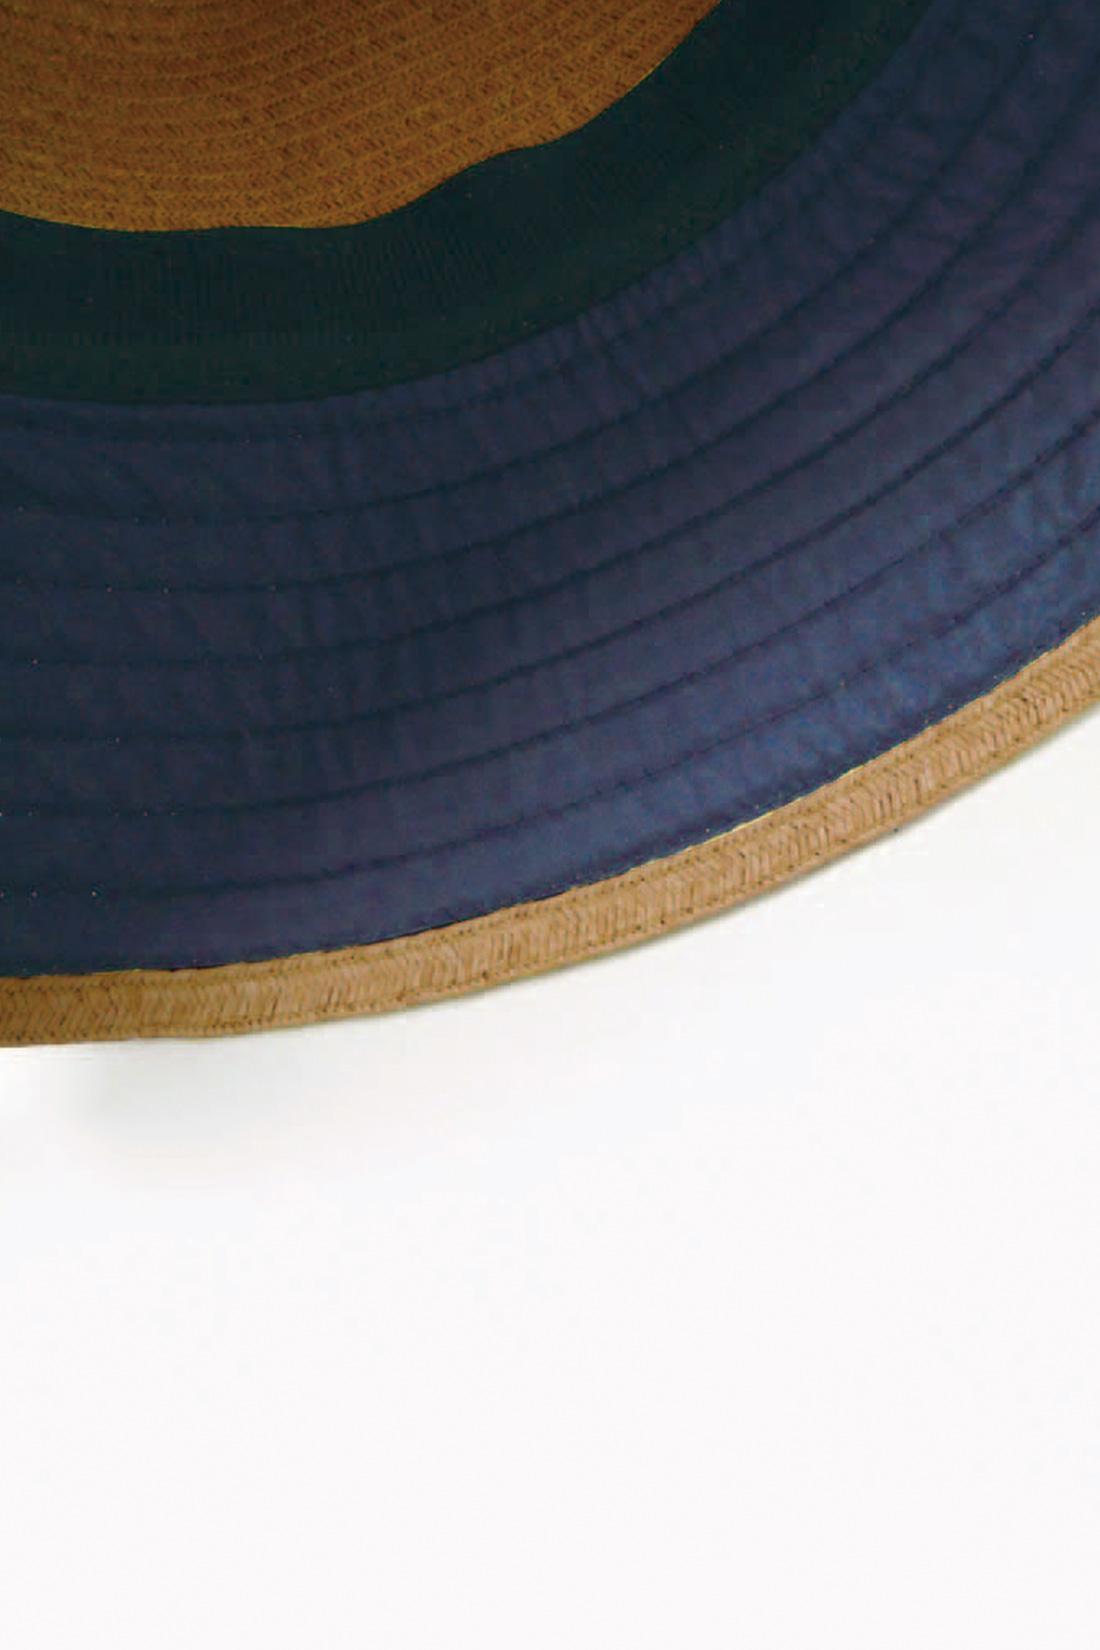 ★つば裏にヒミツあり。 広めのつば&つば裏の紺色の生地で、UVをしっかりカットしちゃうよ。